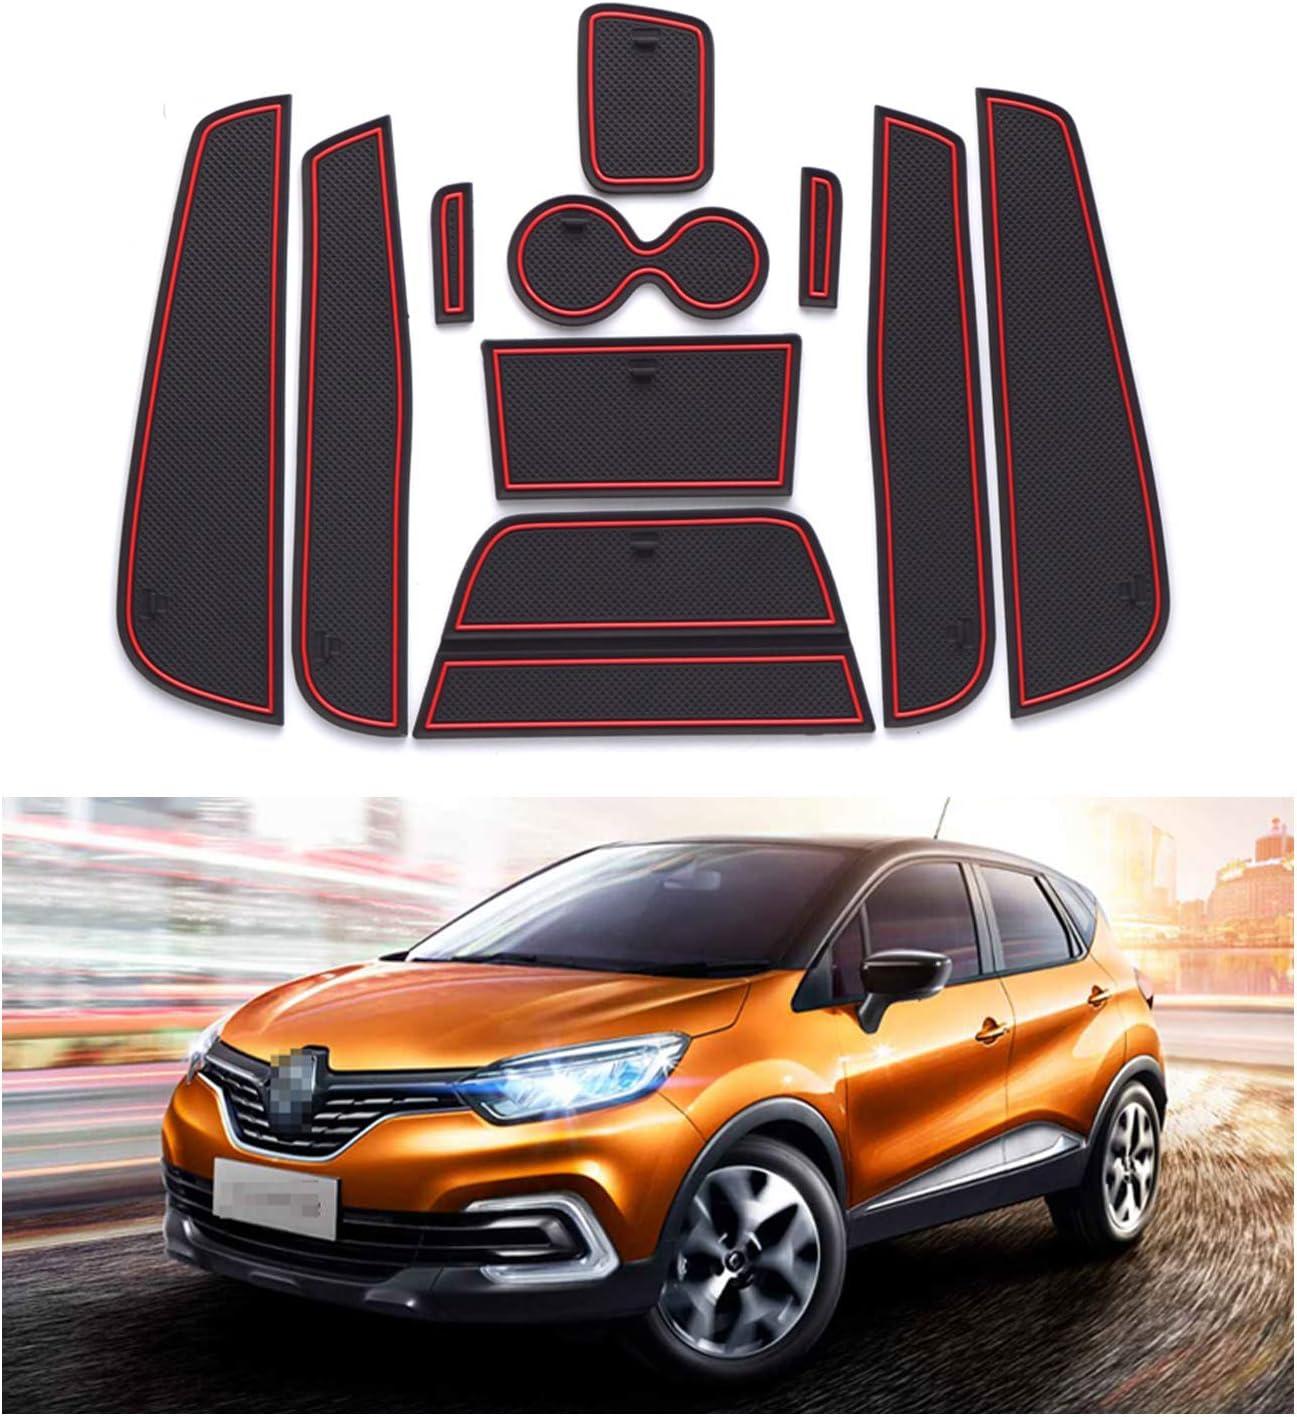 Yee Pin Gummimatte Antirutschmatten Kompatibel Mit Renault Captur Suv 2014 2017 Autoinnenausstattung Wasserbecher Aufbewahrungsbox Anti Rutsch Matte Auto